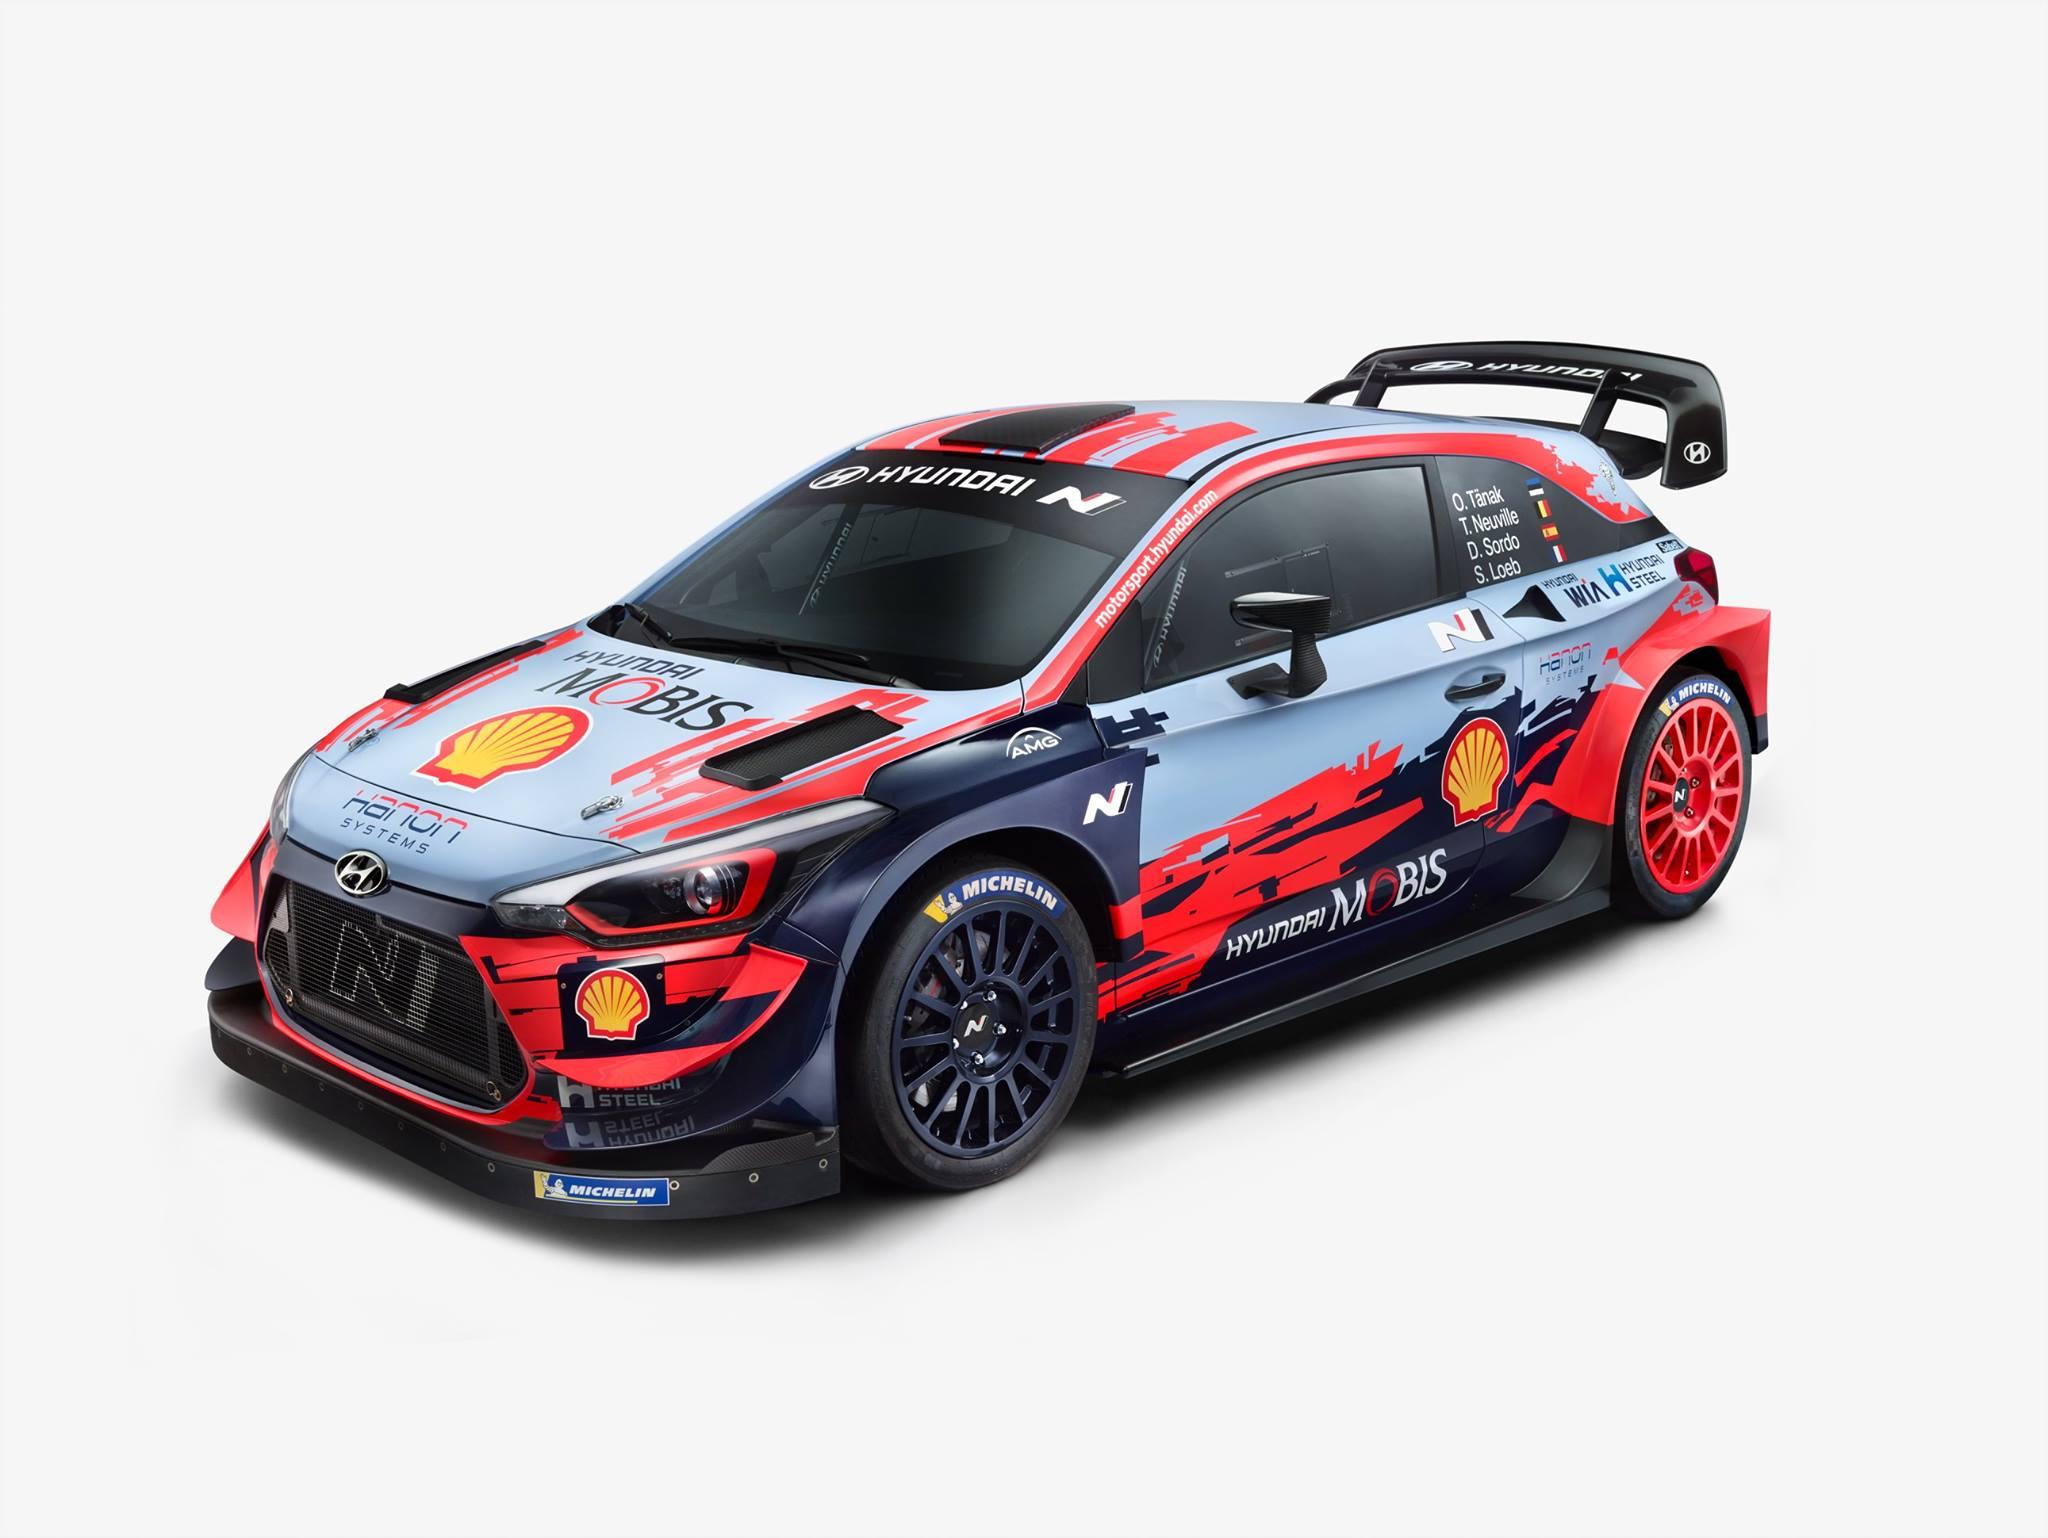 źródło: Hyundai Motorsport | Zwycięskiego malowania się nie zmienia